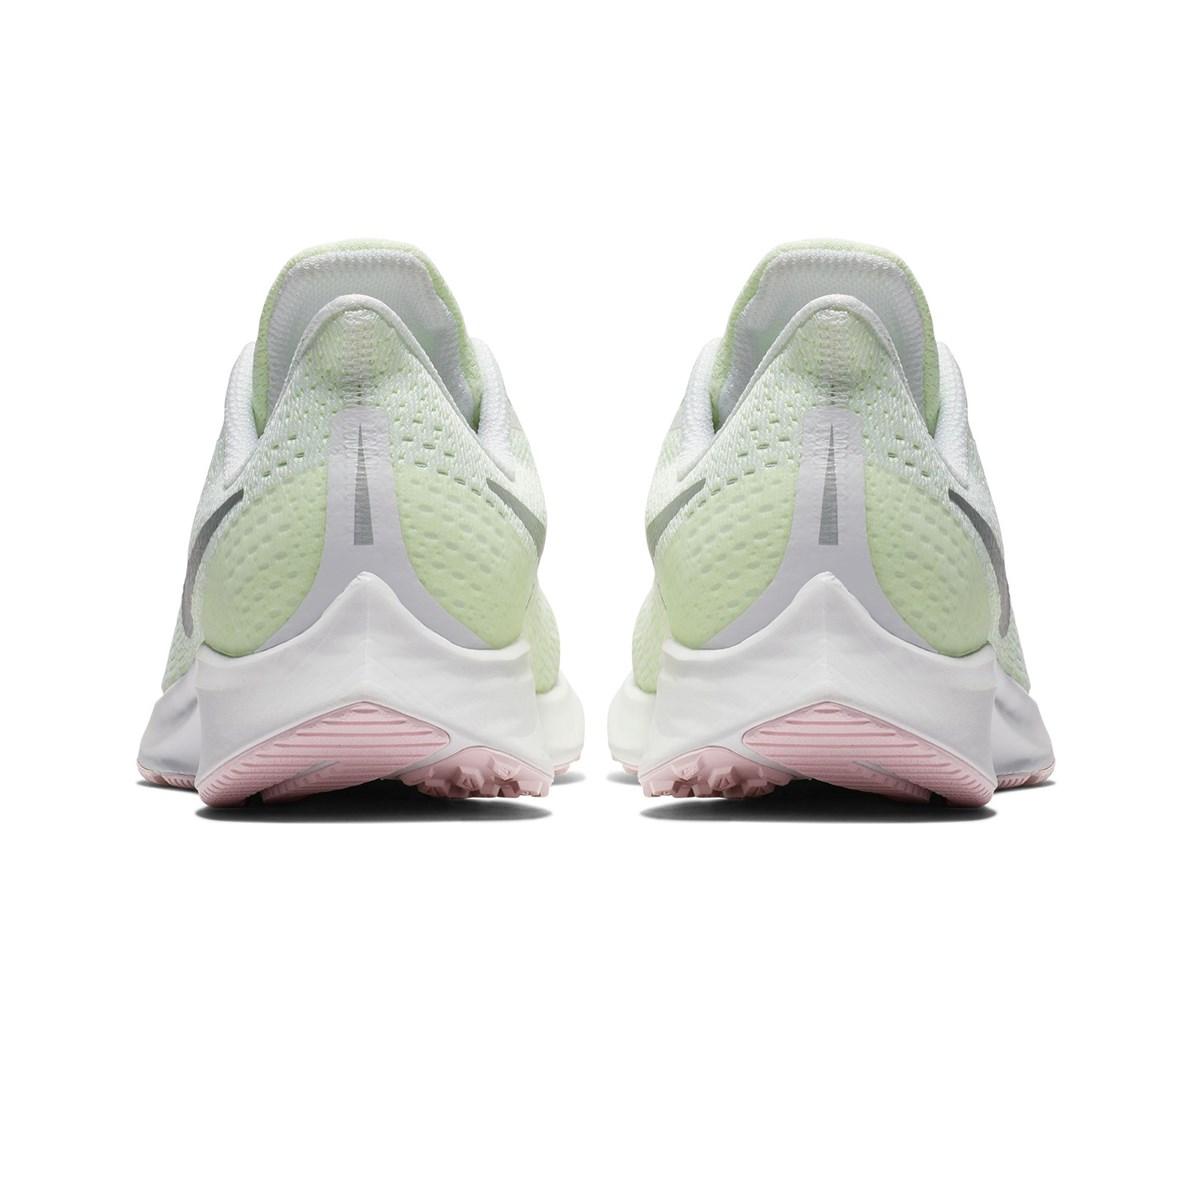 Air Zoom Pegasus 35 Açık Yeşil Spor Ayakkabı